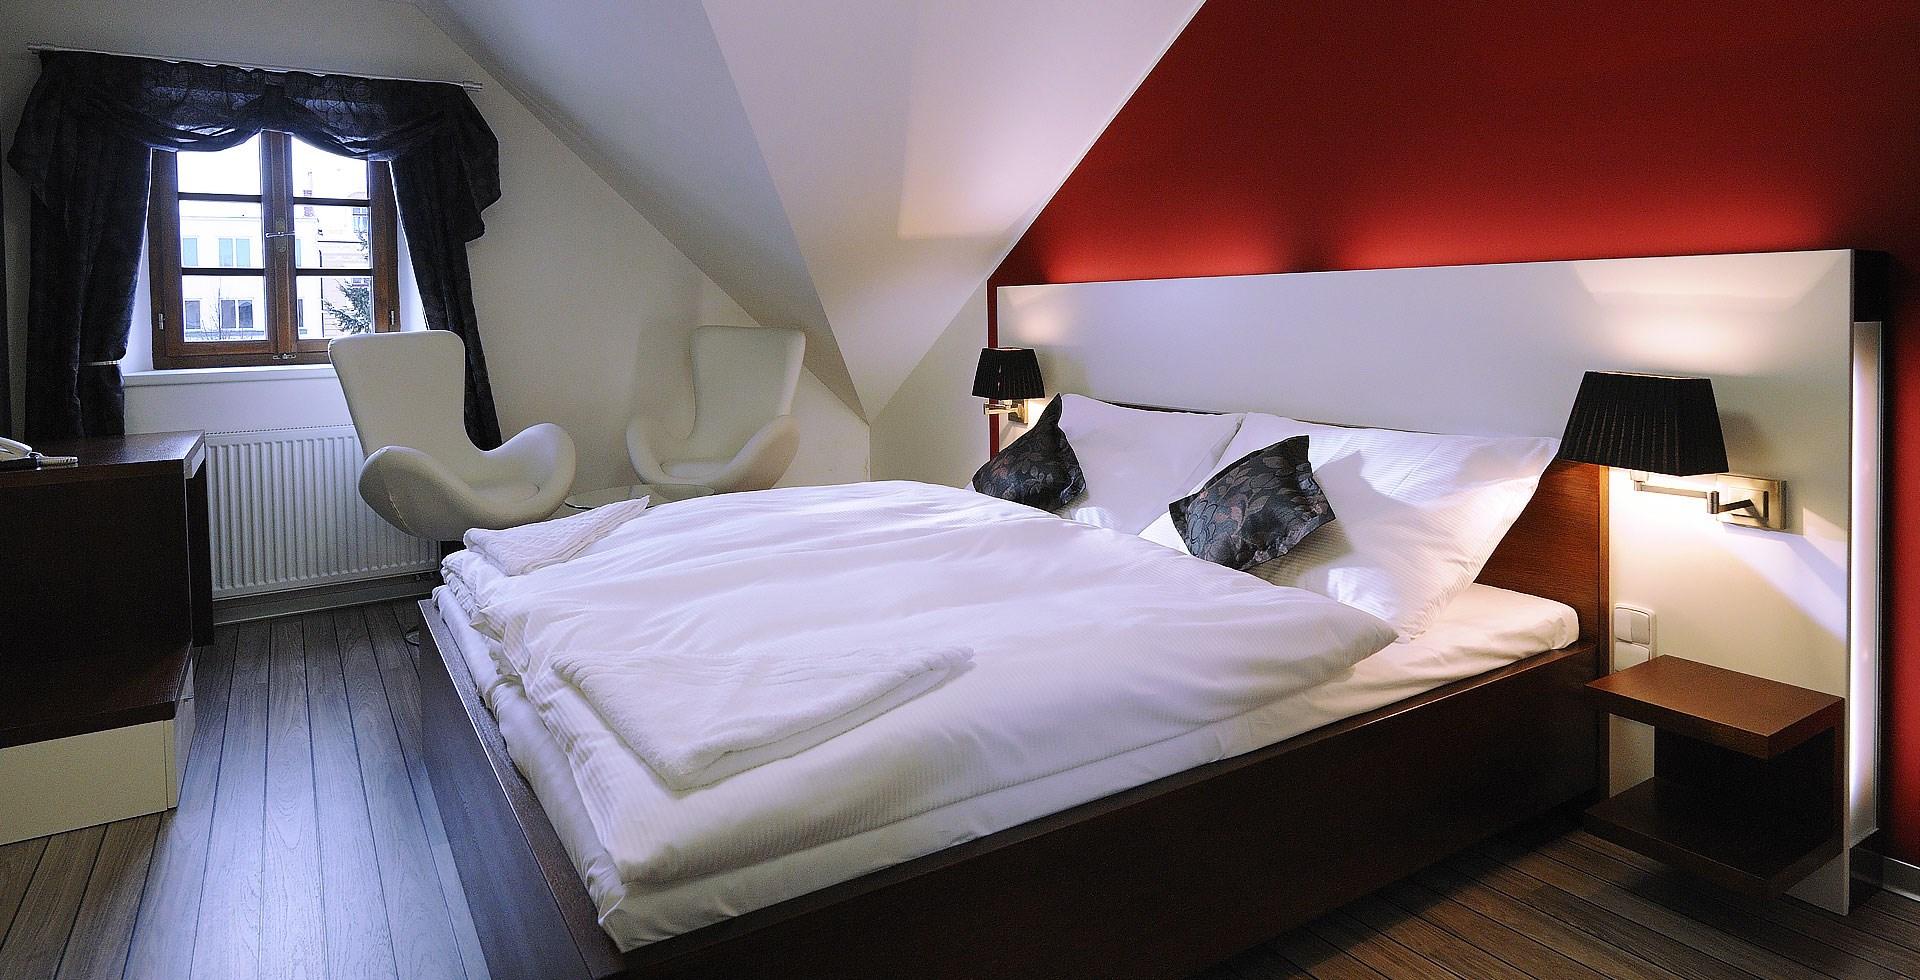 arttech_vizual_hotel-1